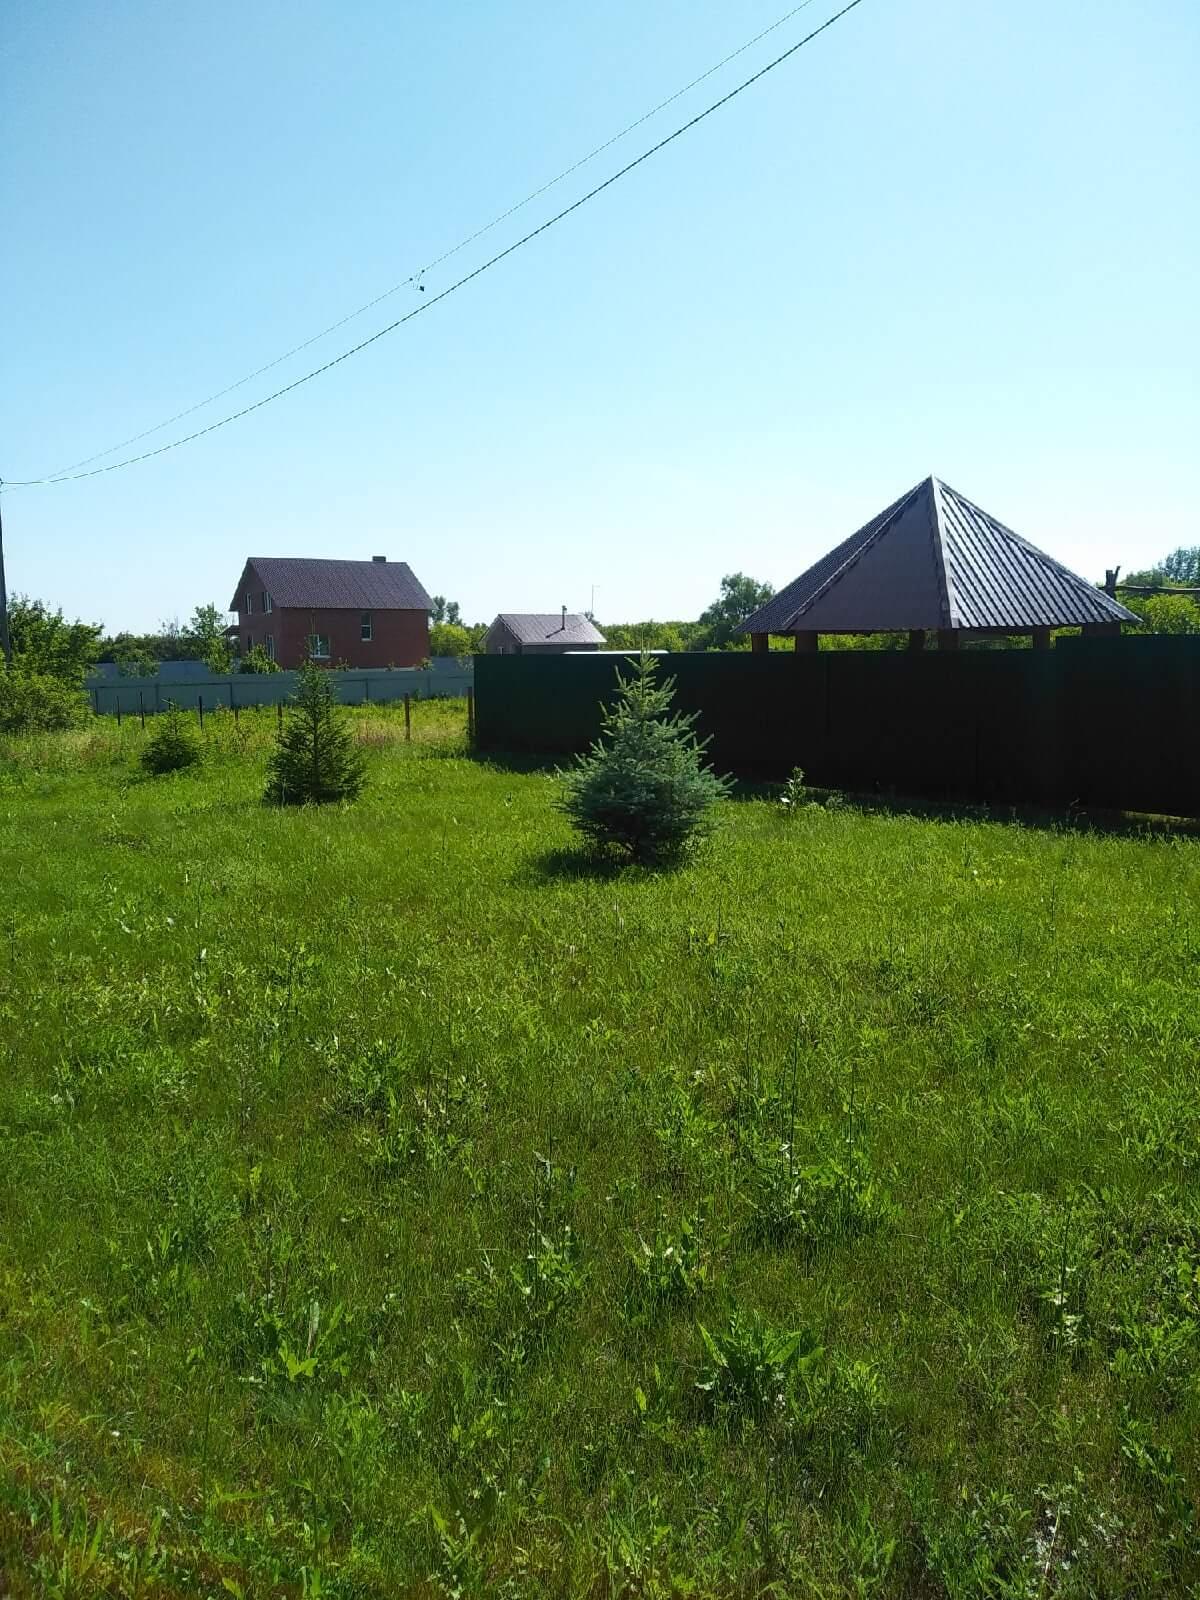 Земельный участок 15 соток,  п. Нижненикольский, Самарская область, агентство недвижимости Александра Замула